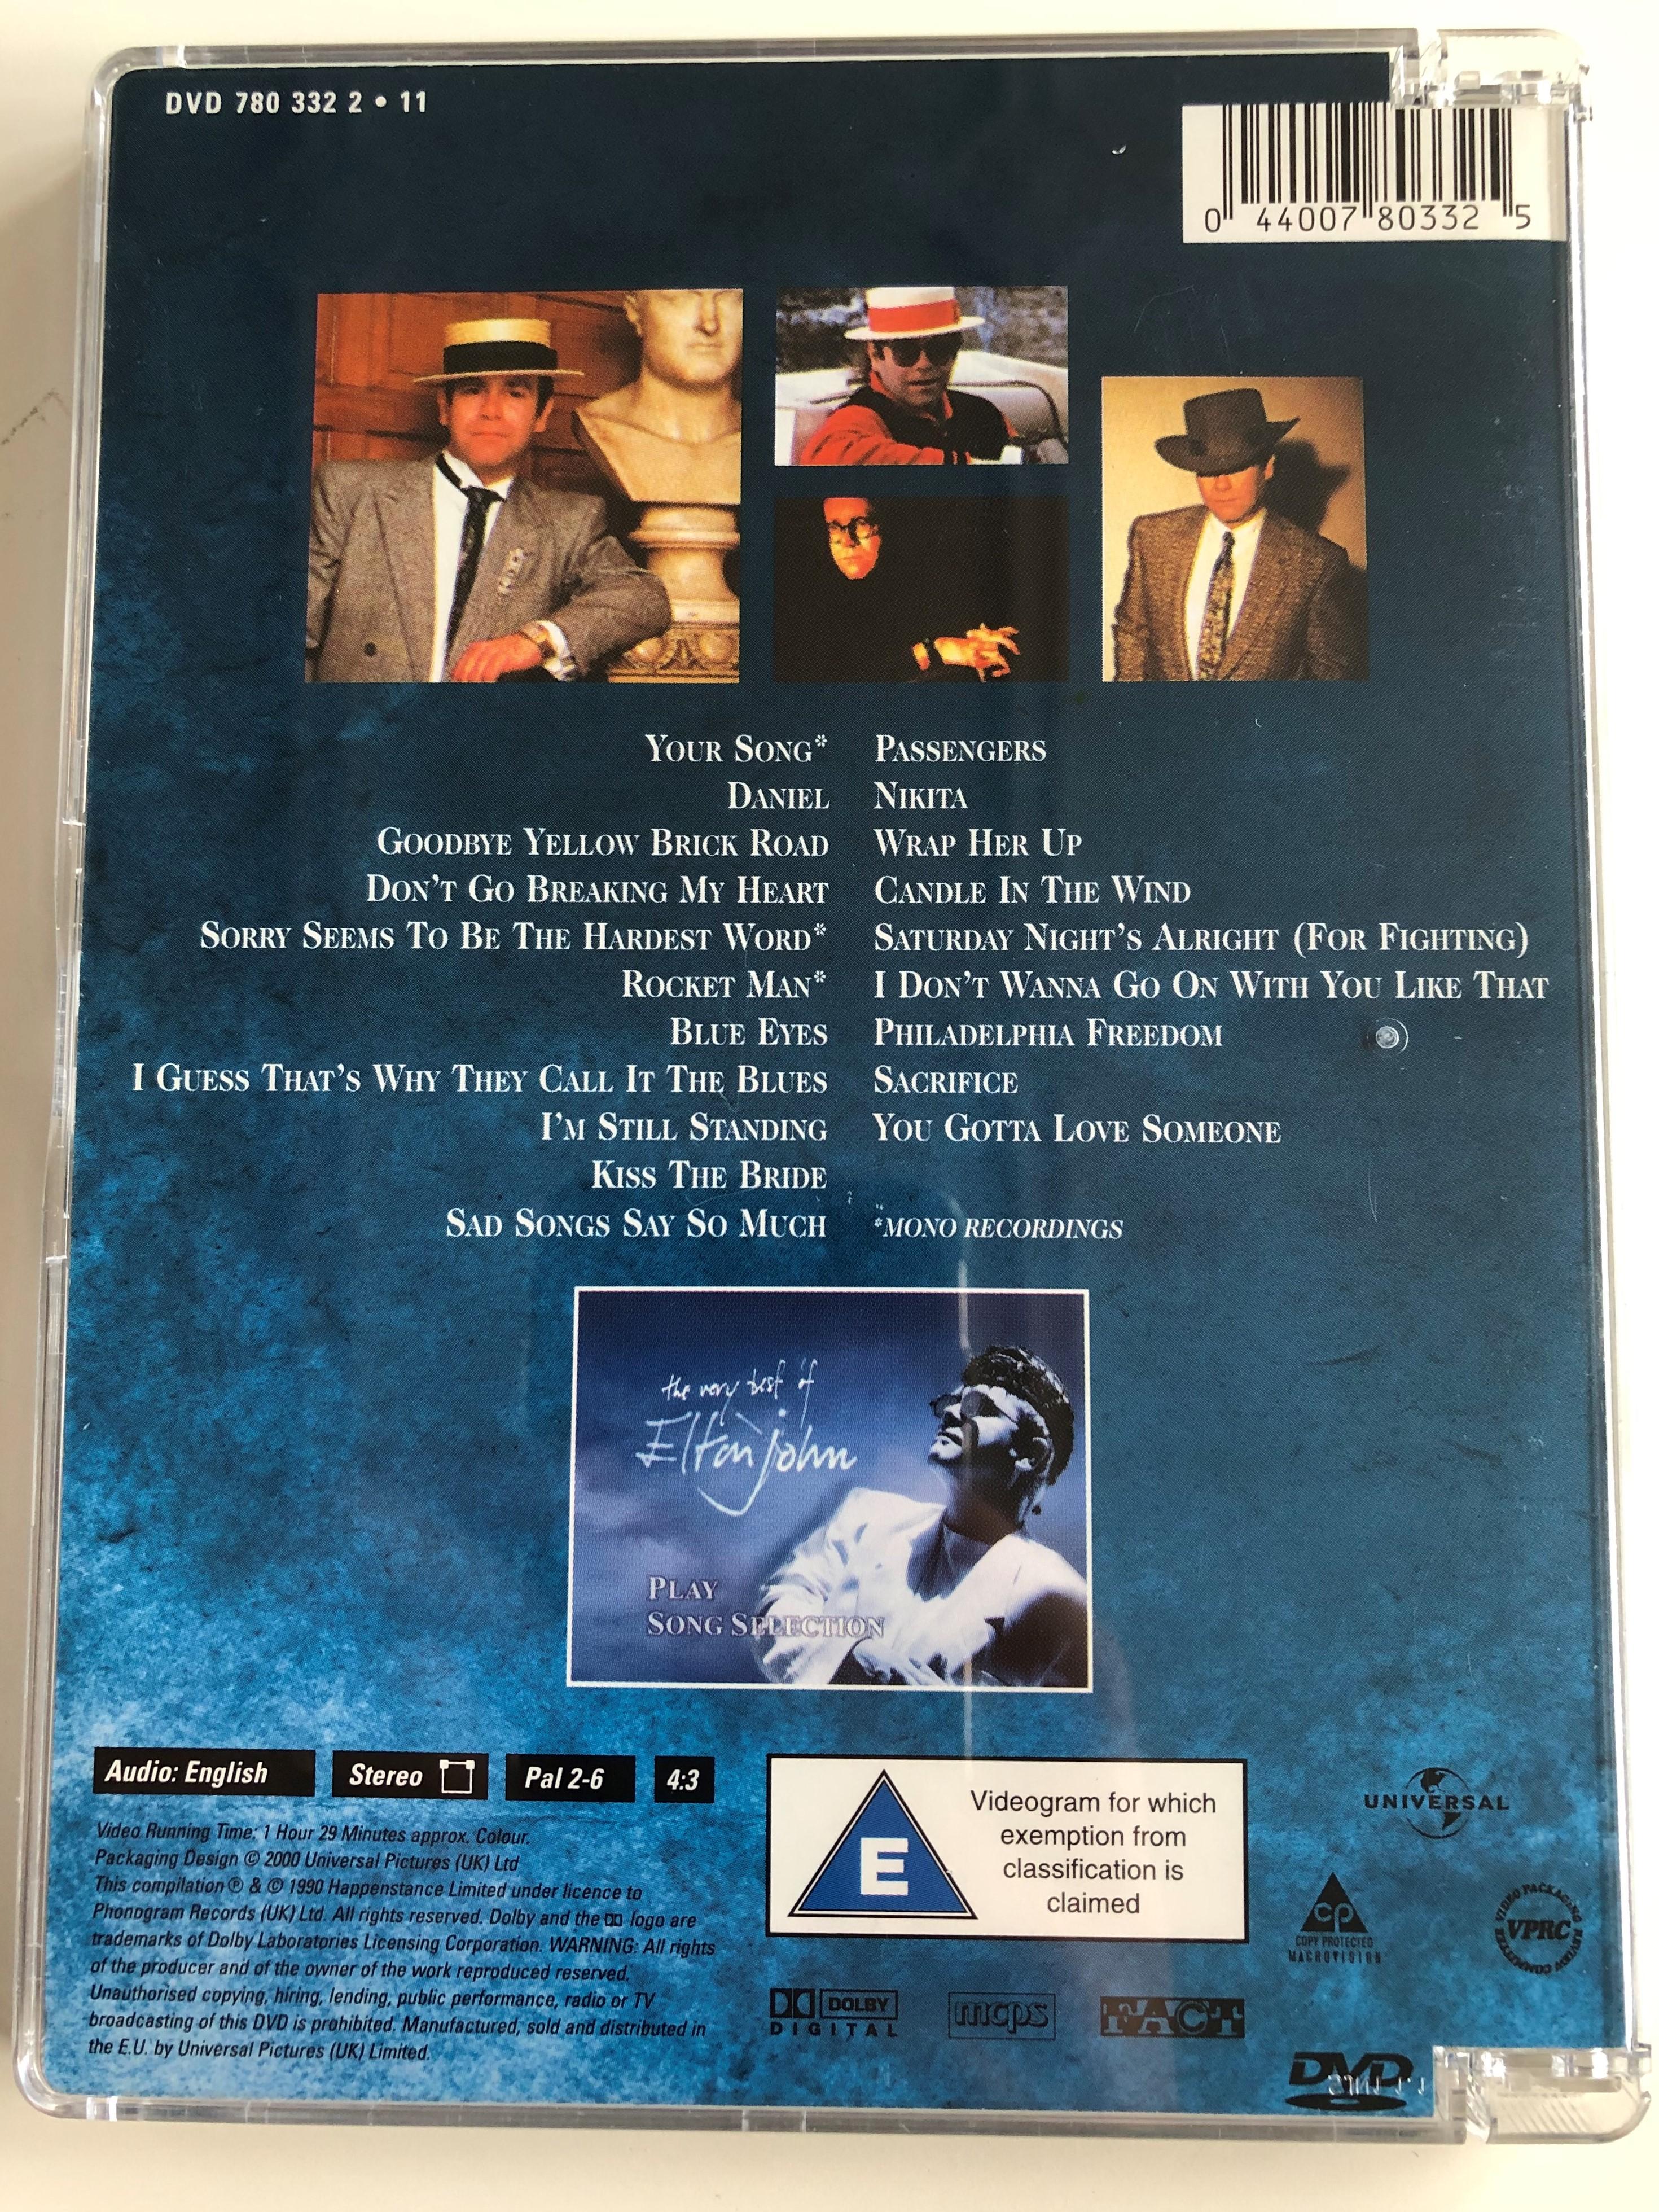 the-very-best-of-elton-john-dvd-1990-6.jpg